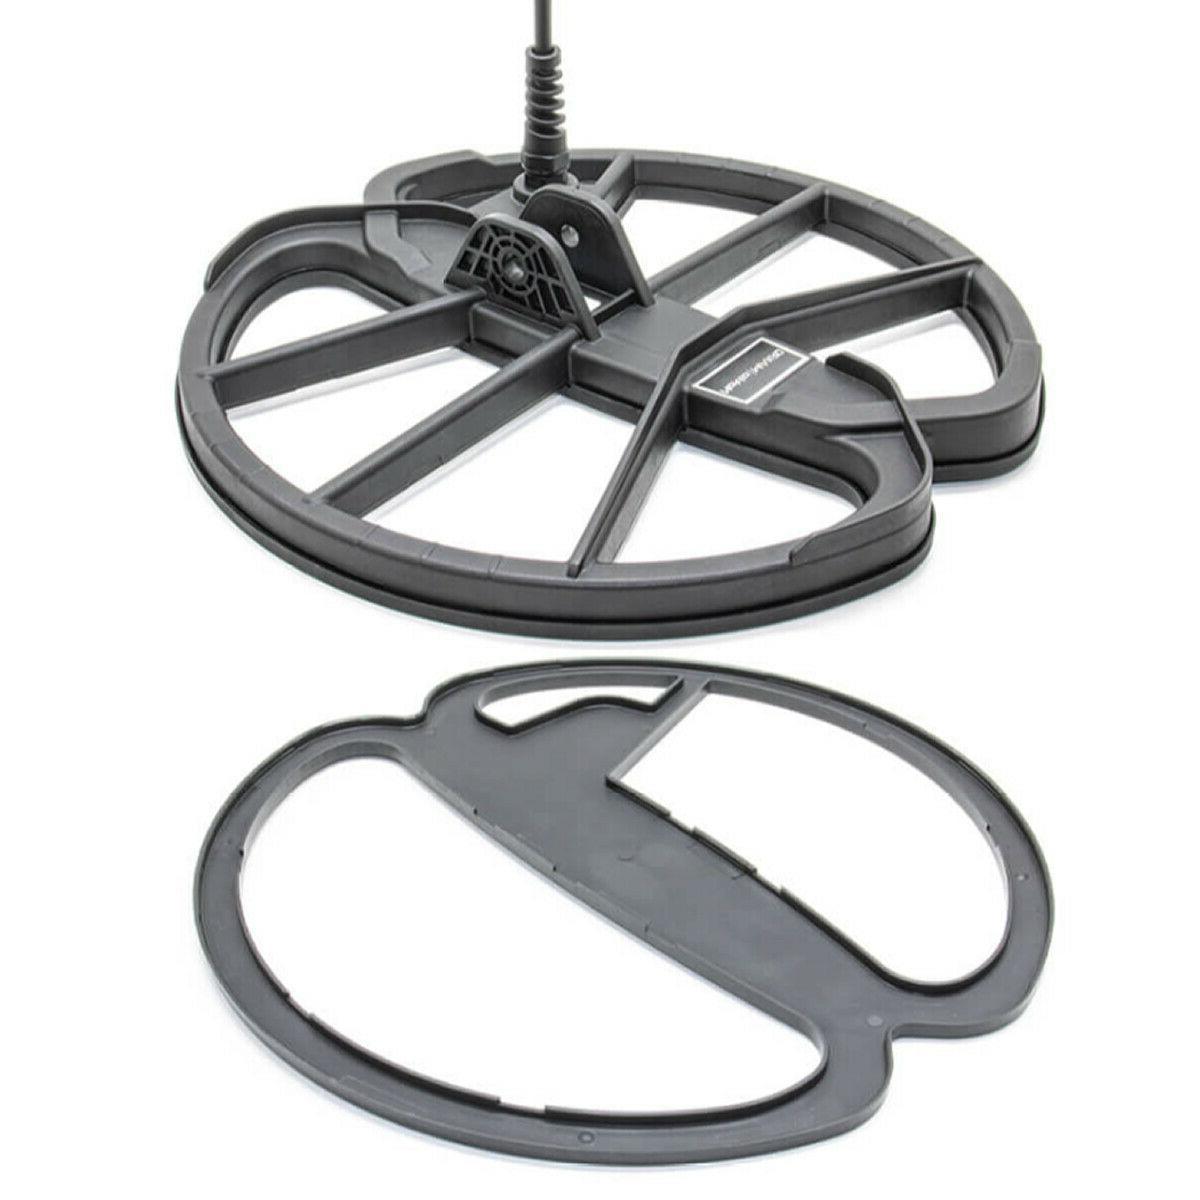 Nokta Simplex+ Waterproof Detector with 2.4 GHz Wireless Headphones, Hat